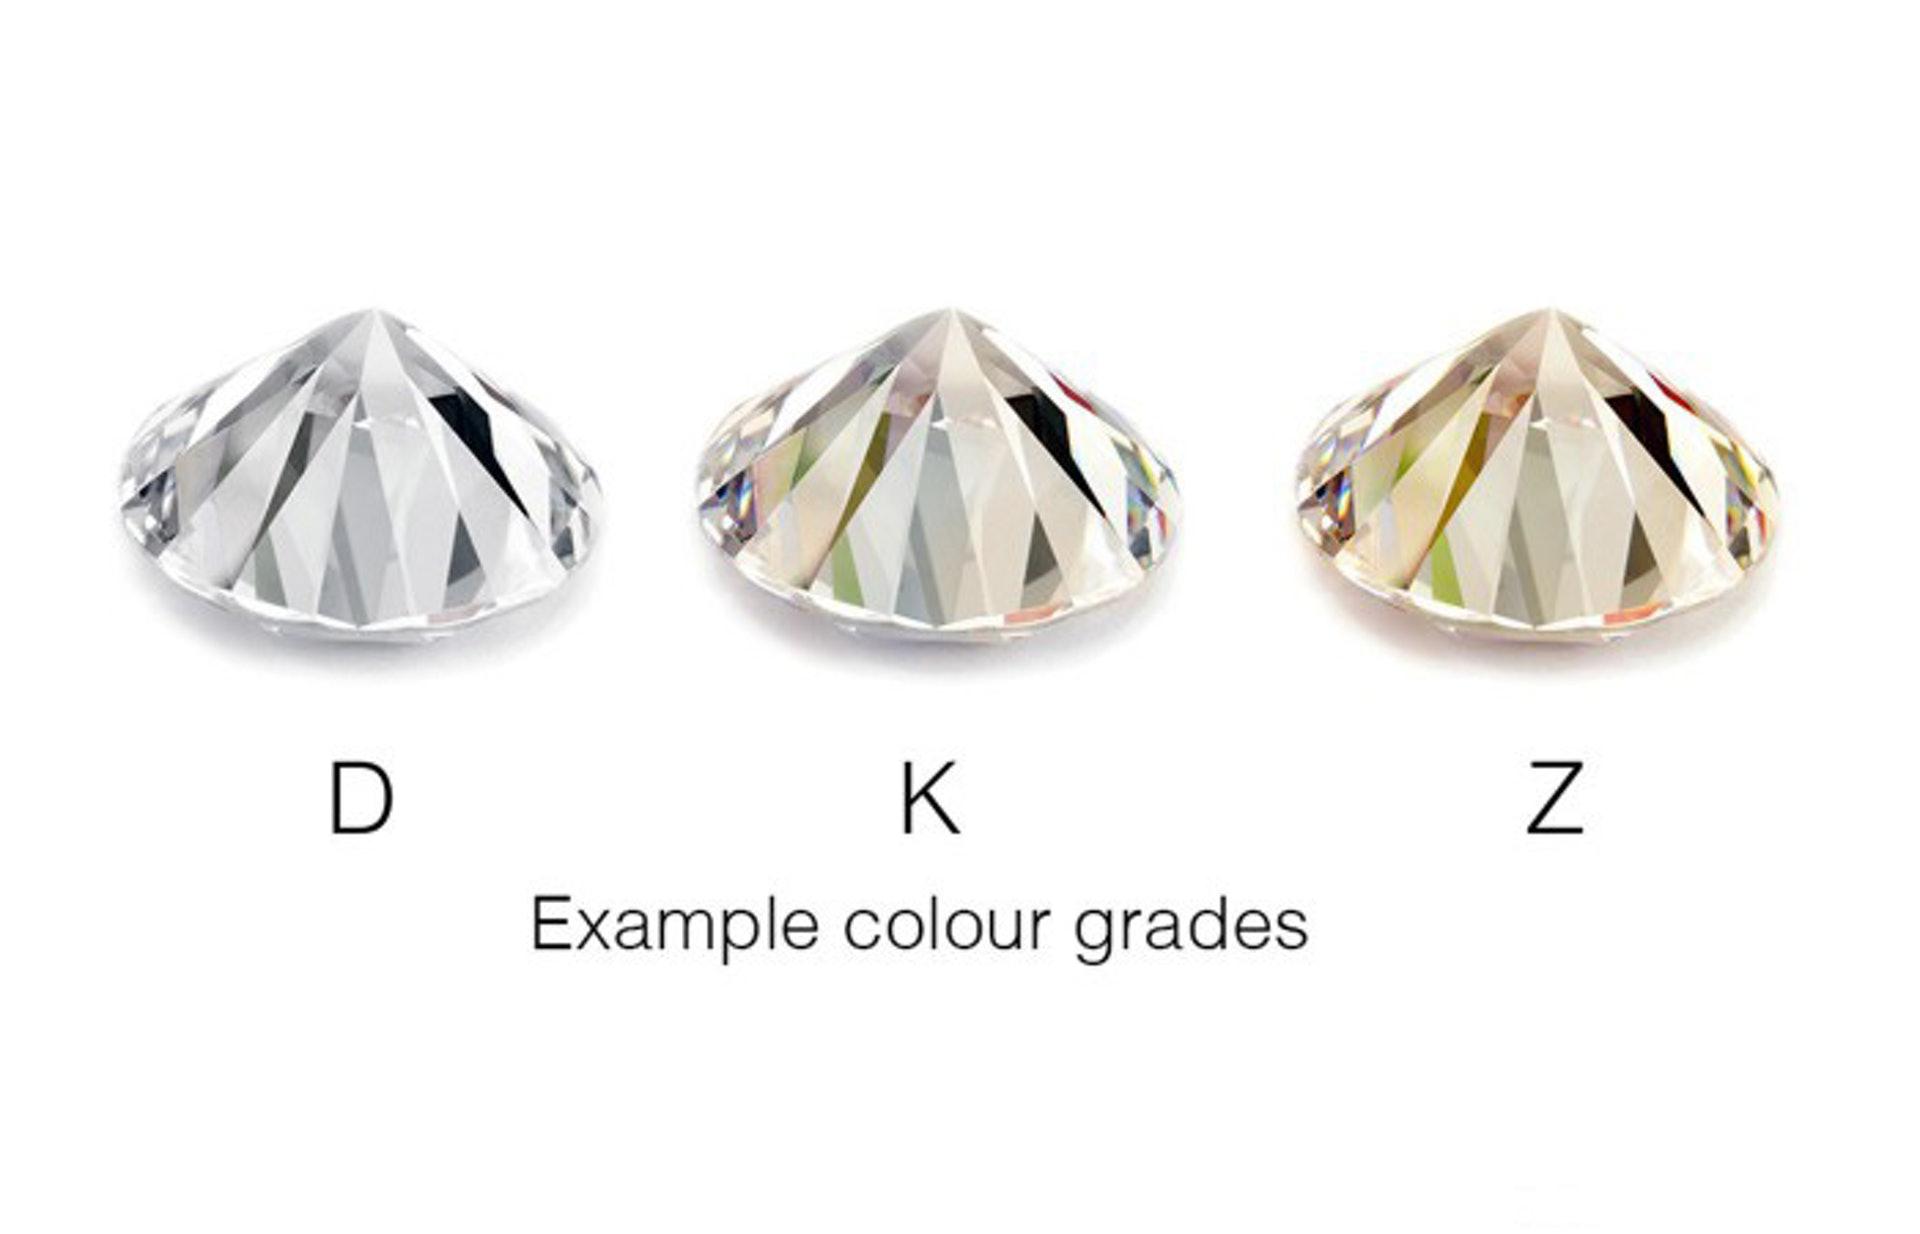 大克拉的鑽石會反射更多的光線,也更容易看出顏色差別。(世界高級品)